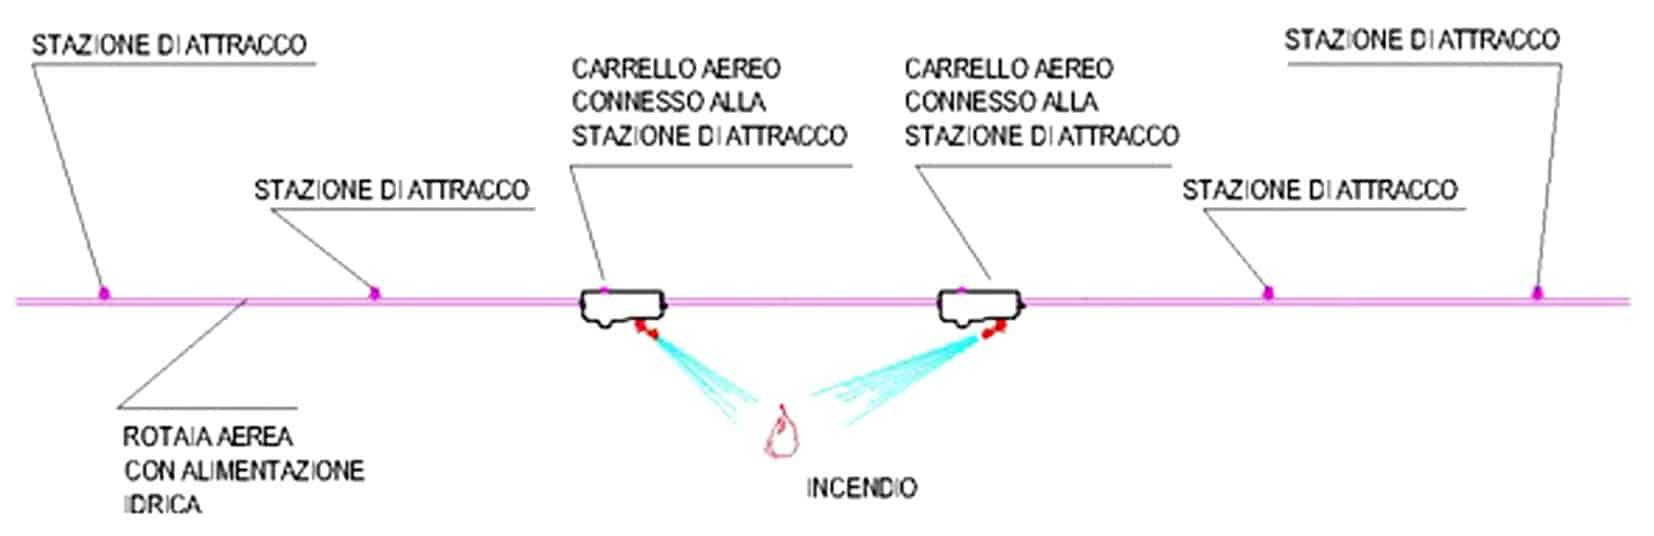 Lo schema dell'impianto di spegnimento in galleria che interviene in meno di 5 minuti